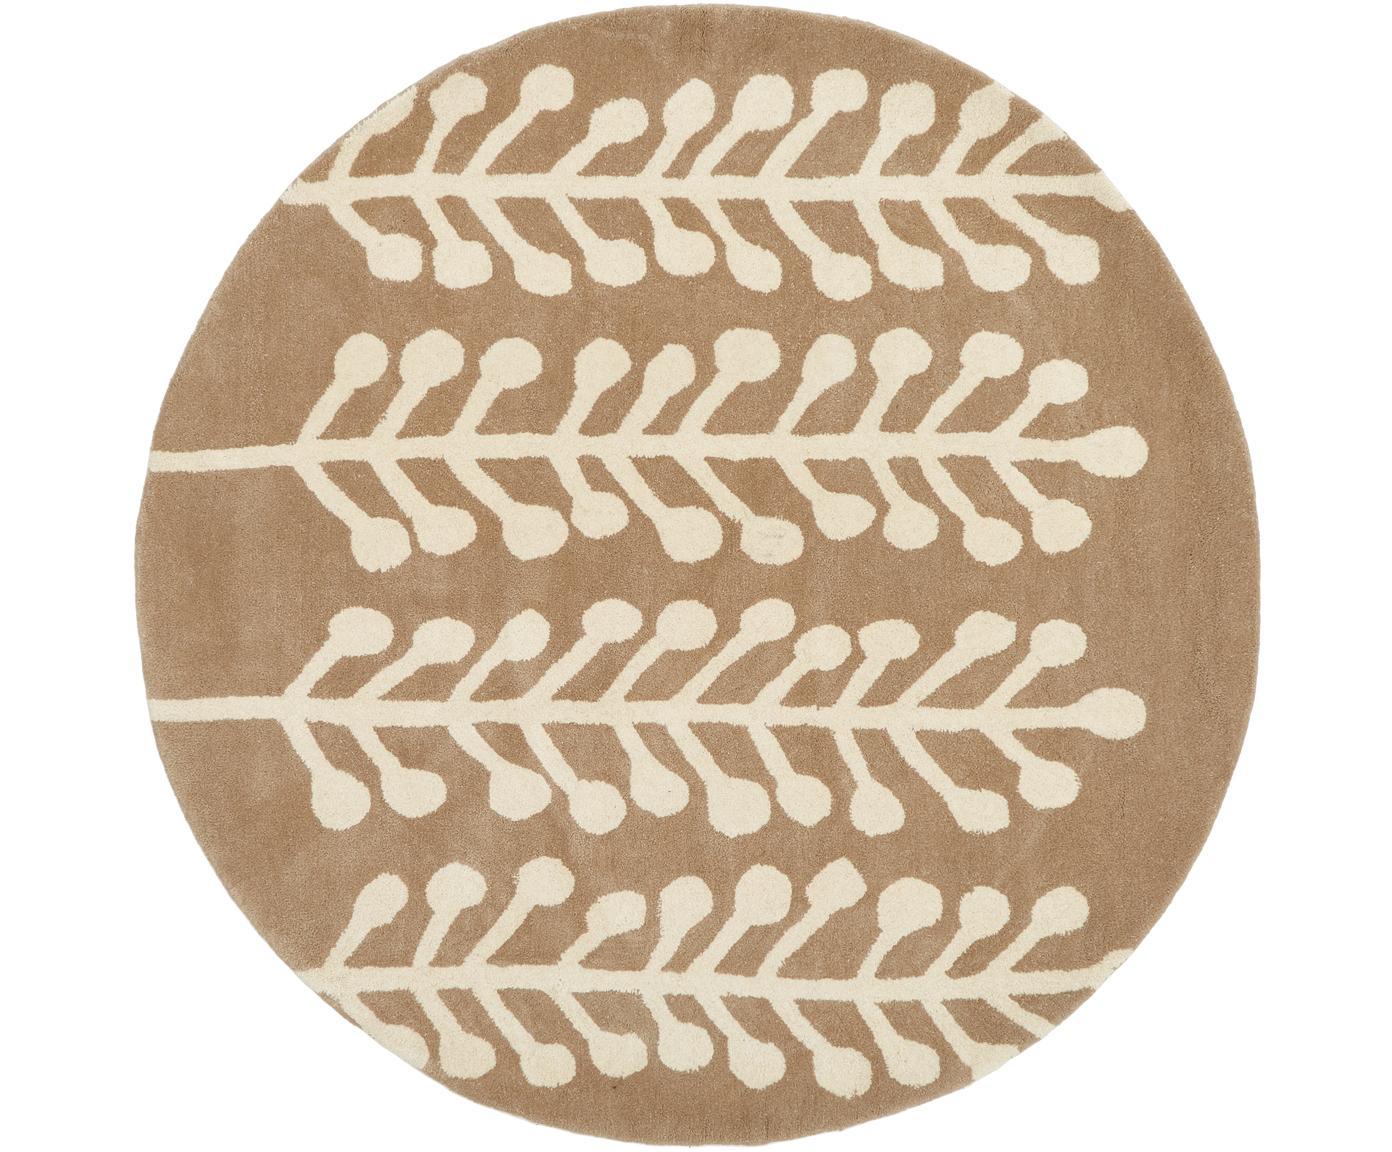 Tappeto rotondo in lana Wool Herbs, Retro: cotone, Marrone chiaro, crema, Ø 200 cm (taglia L)